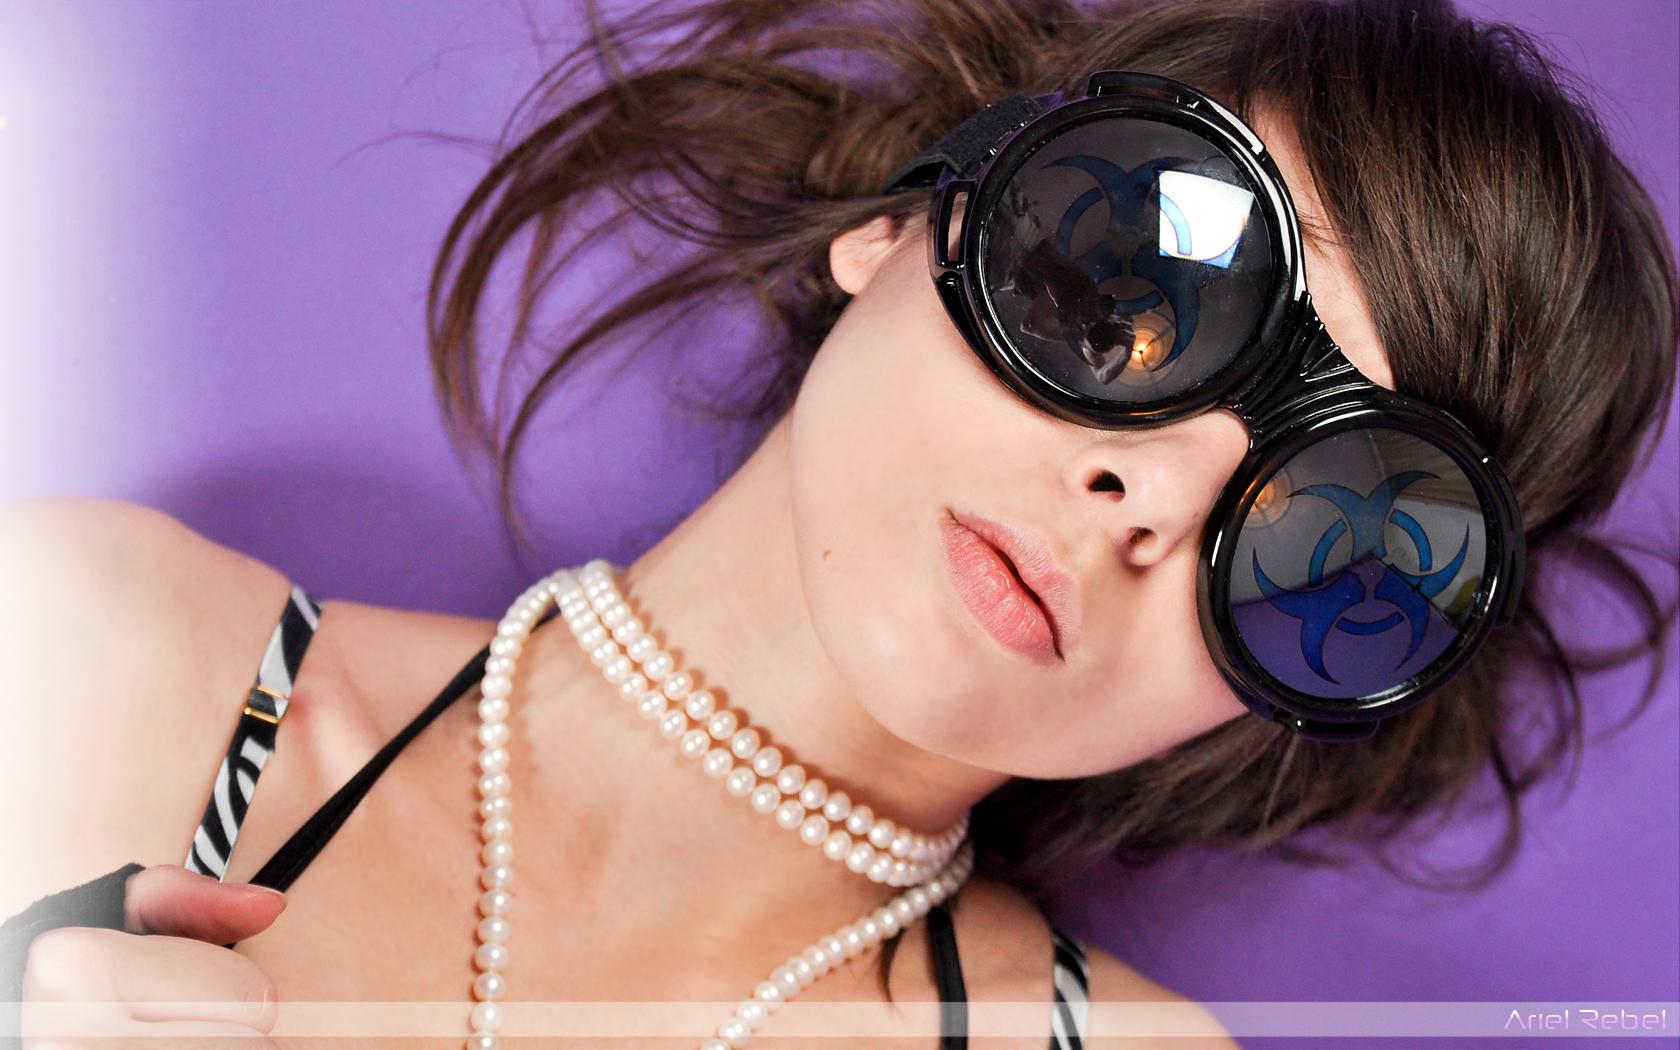 Una hermosa chica con lentes - 1680x1050